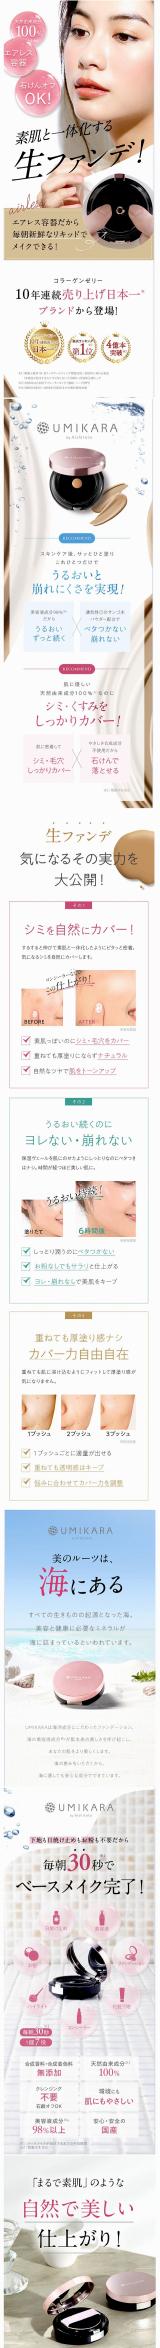 「美容液成分98%スキンケア感覚の生ファンデ」の画像(5枚目)